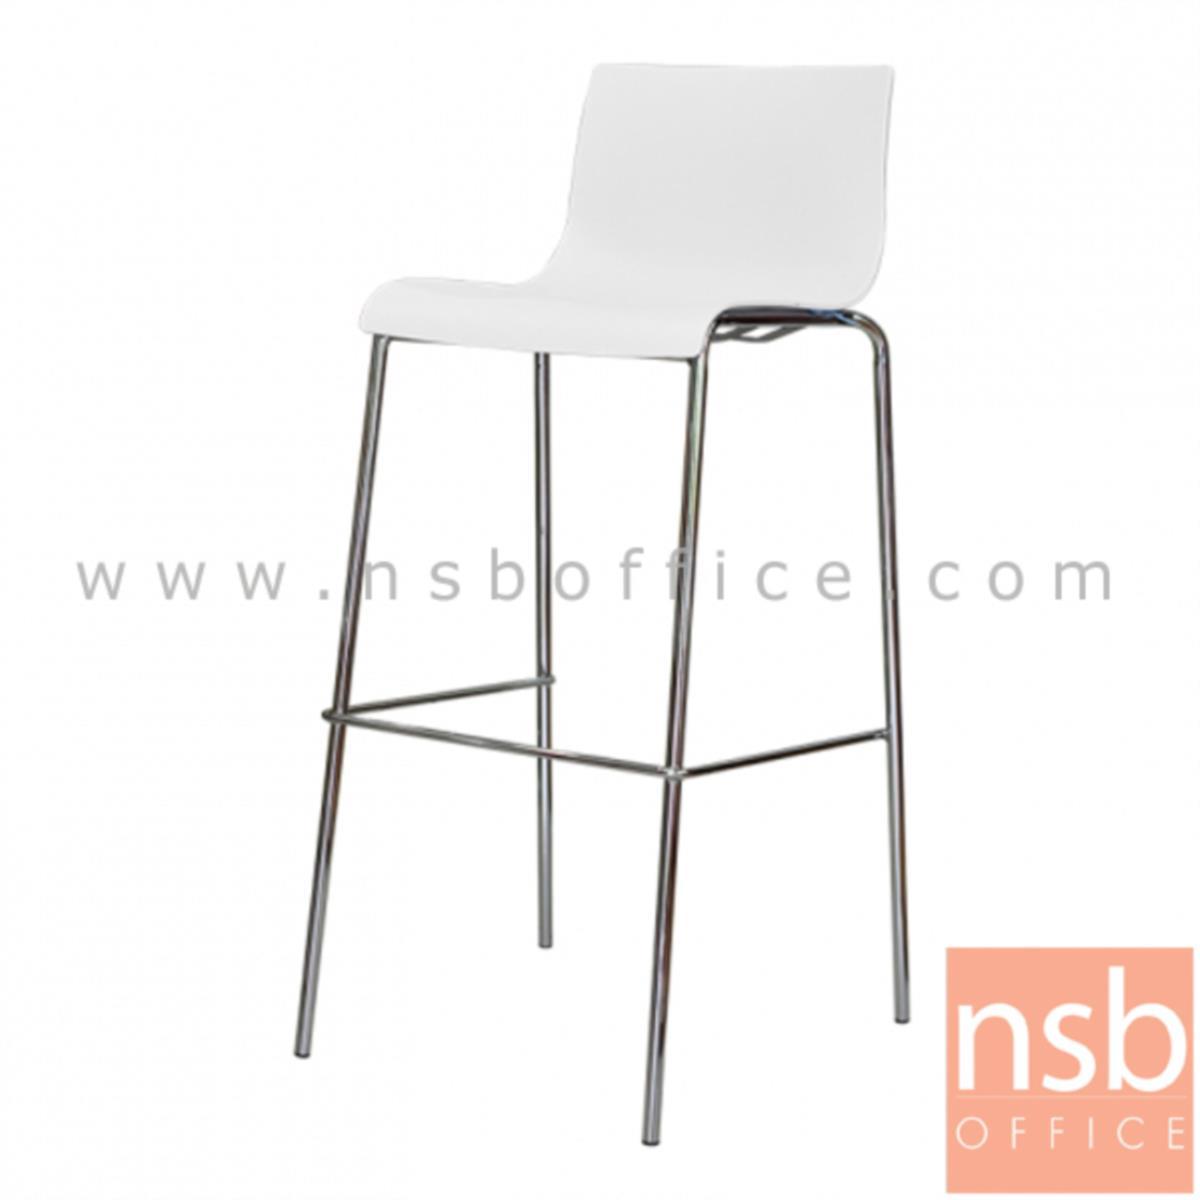 เก้าอี้บาร์สูงโพลี่(PP) รุ่น NP-9200 ขนาด 39W cm. ขาเหล็กชุบโครเมี่ยม